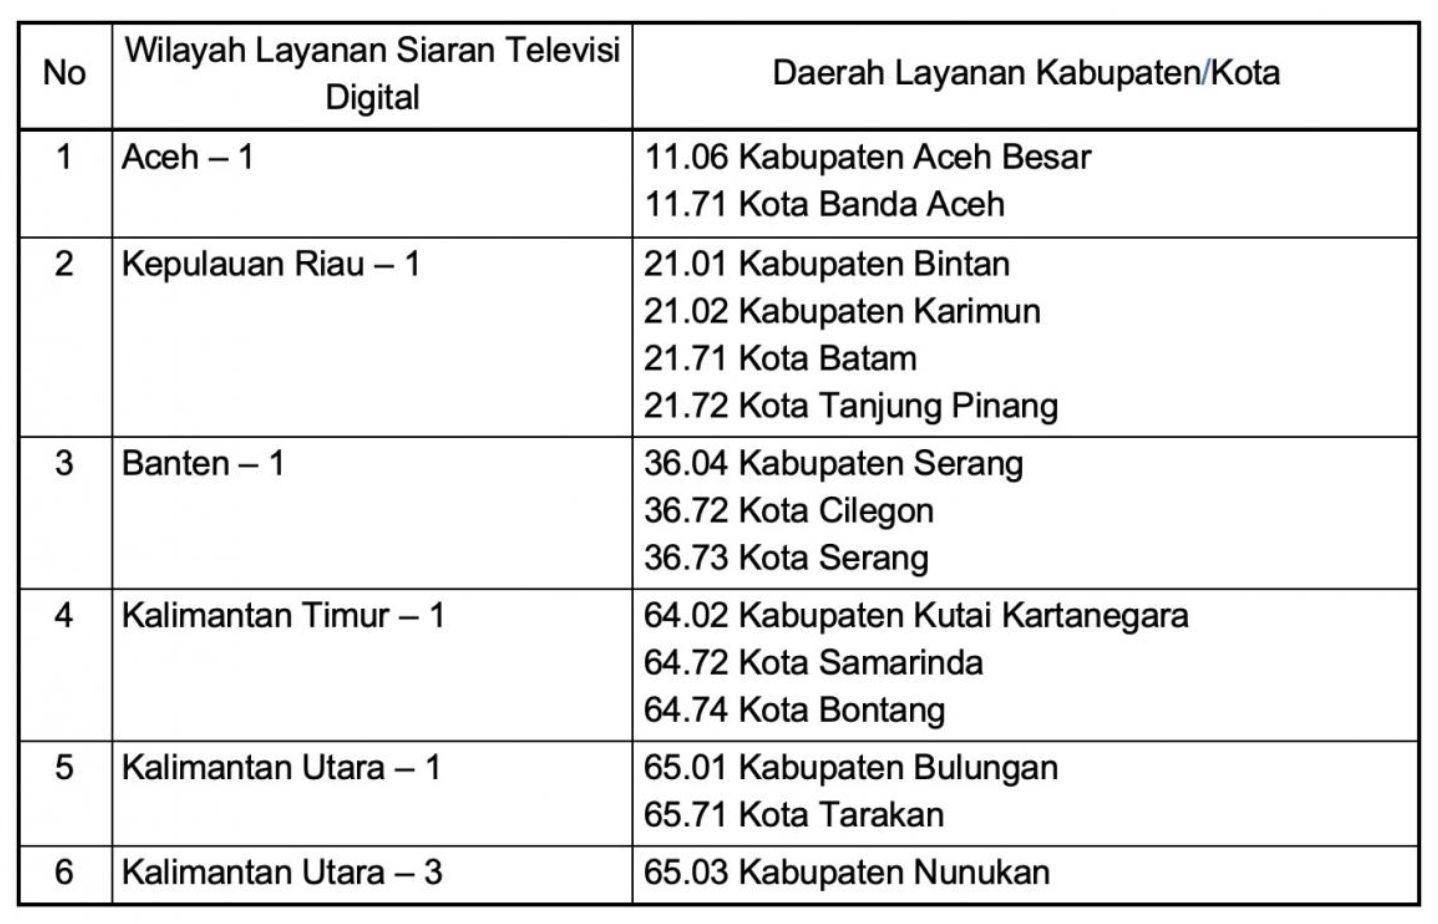 Wilayah layanan siaran TV digital pada Tahap 1 dimulai 17 Agustus 2021